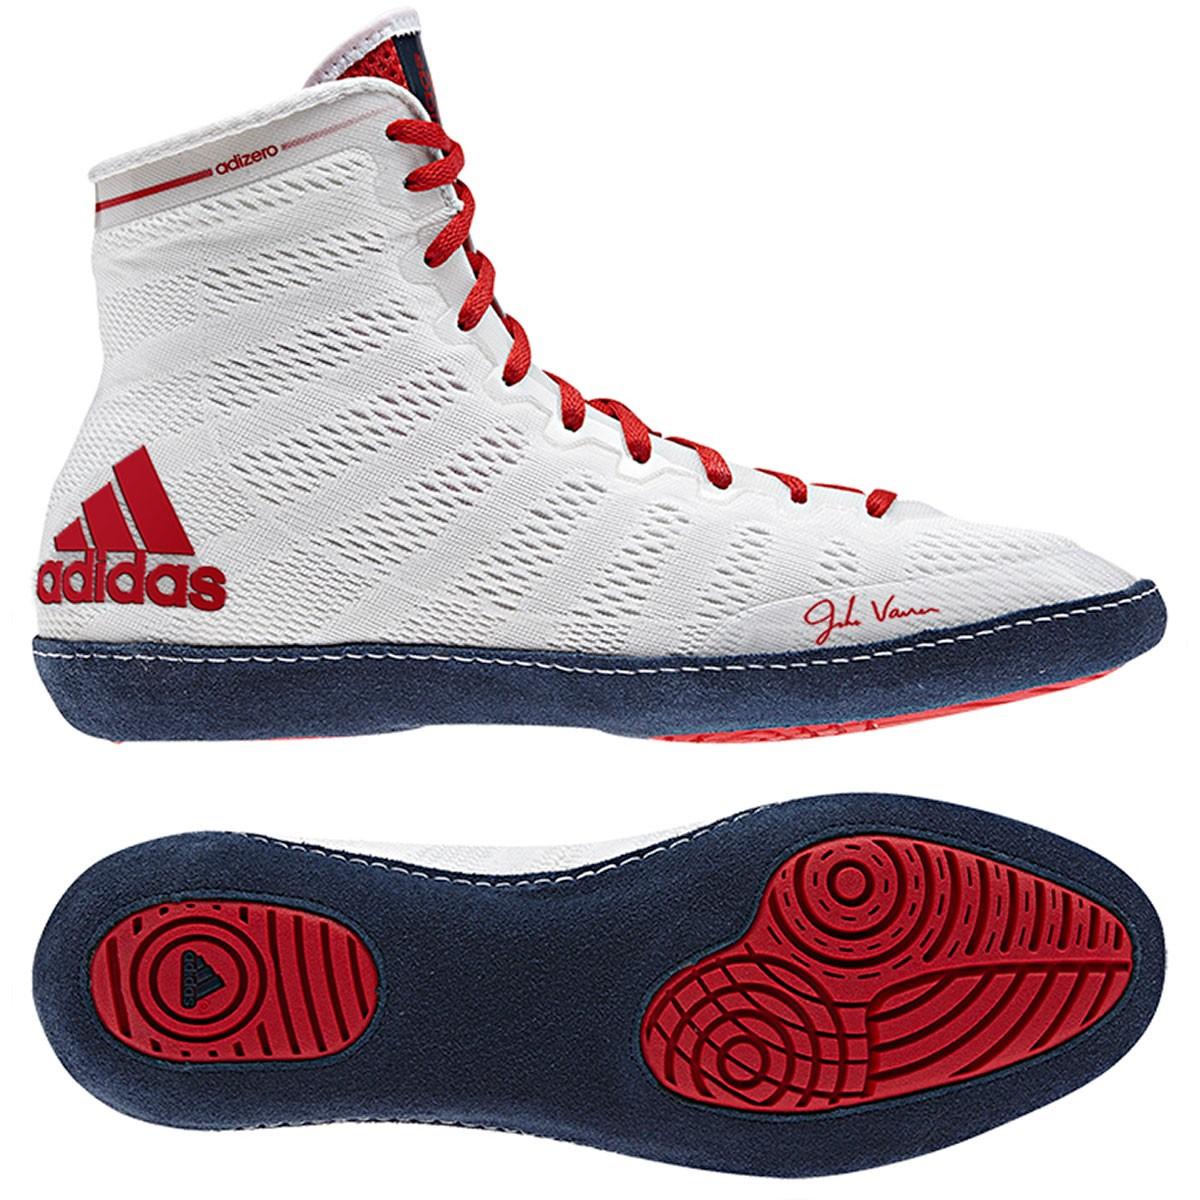 Adizero Wrestling Shoes Uk